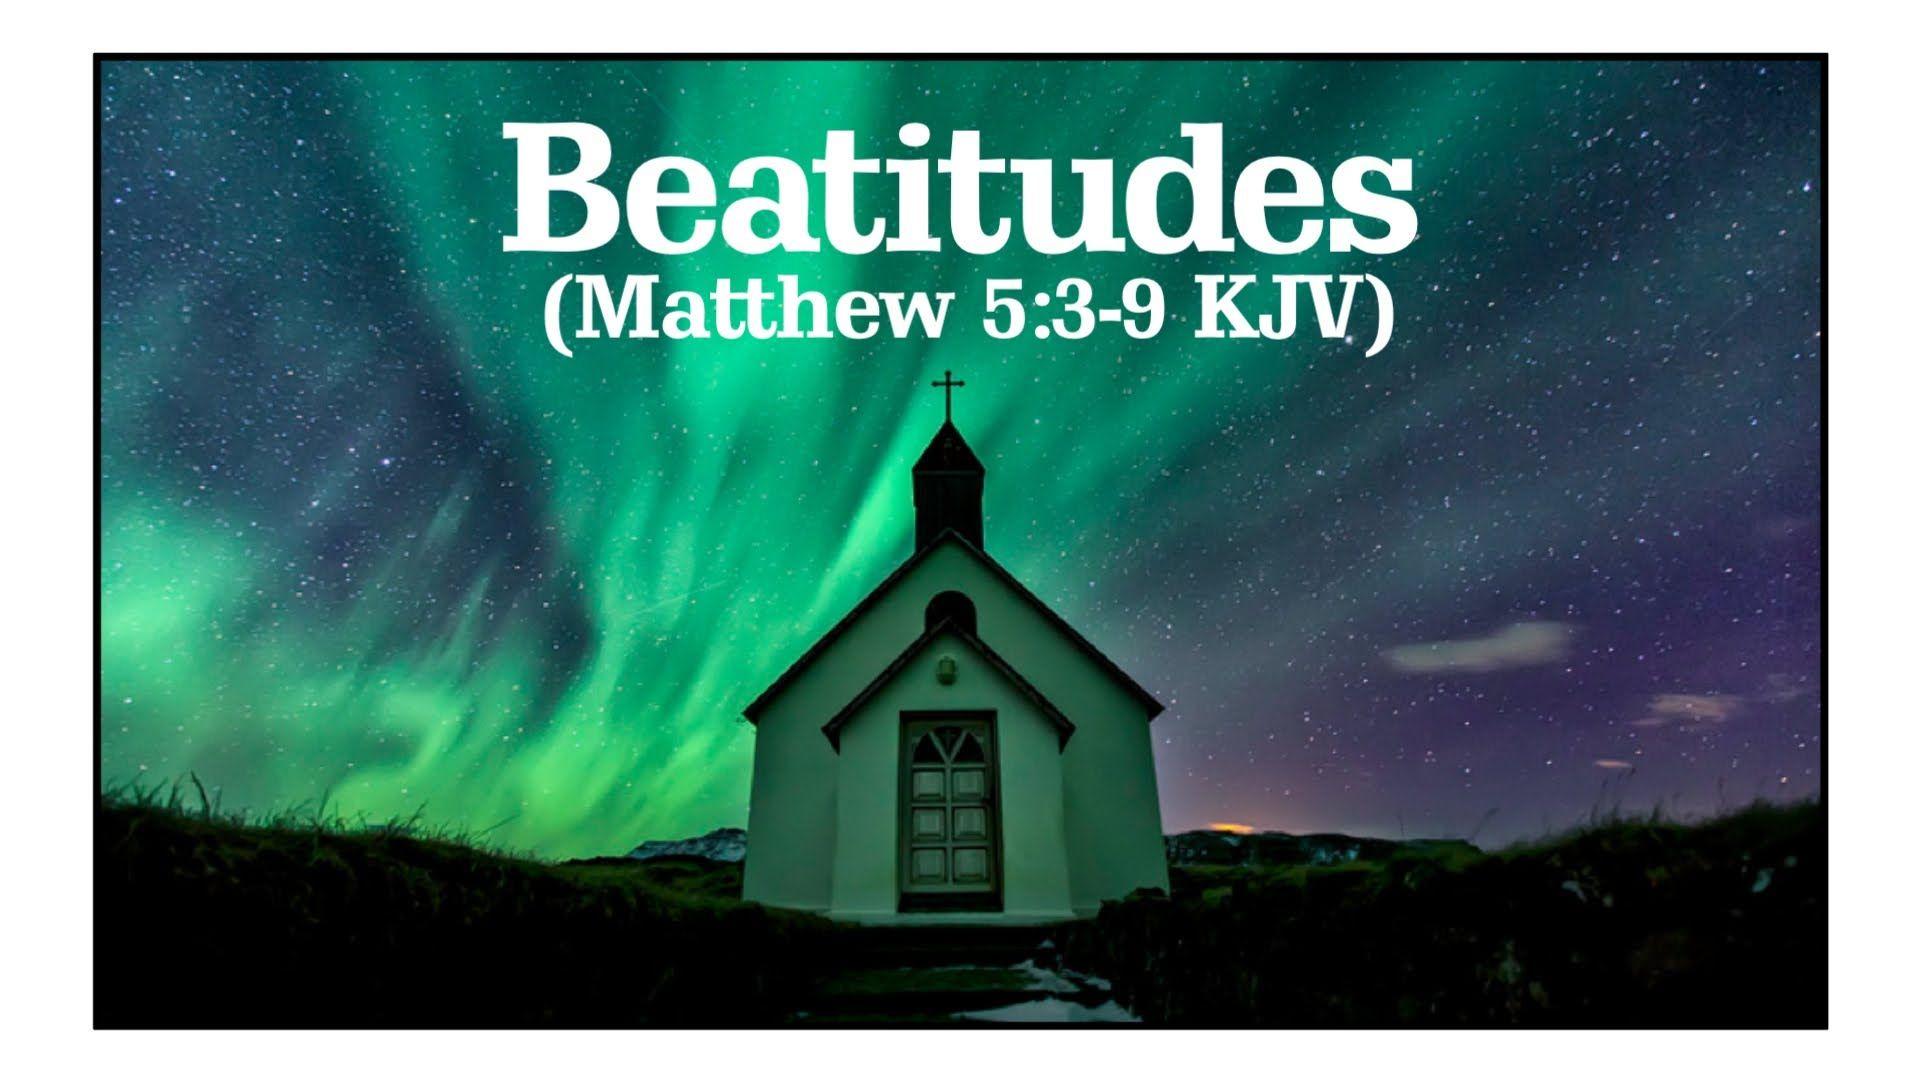 Beatitudes Song With Lyrics Sermon On The Mount Kjv